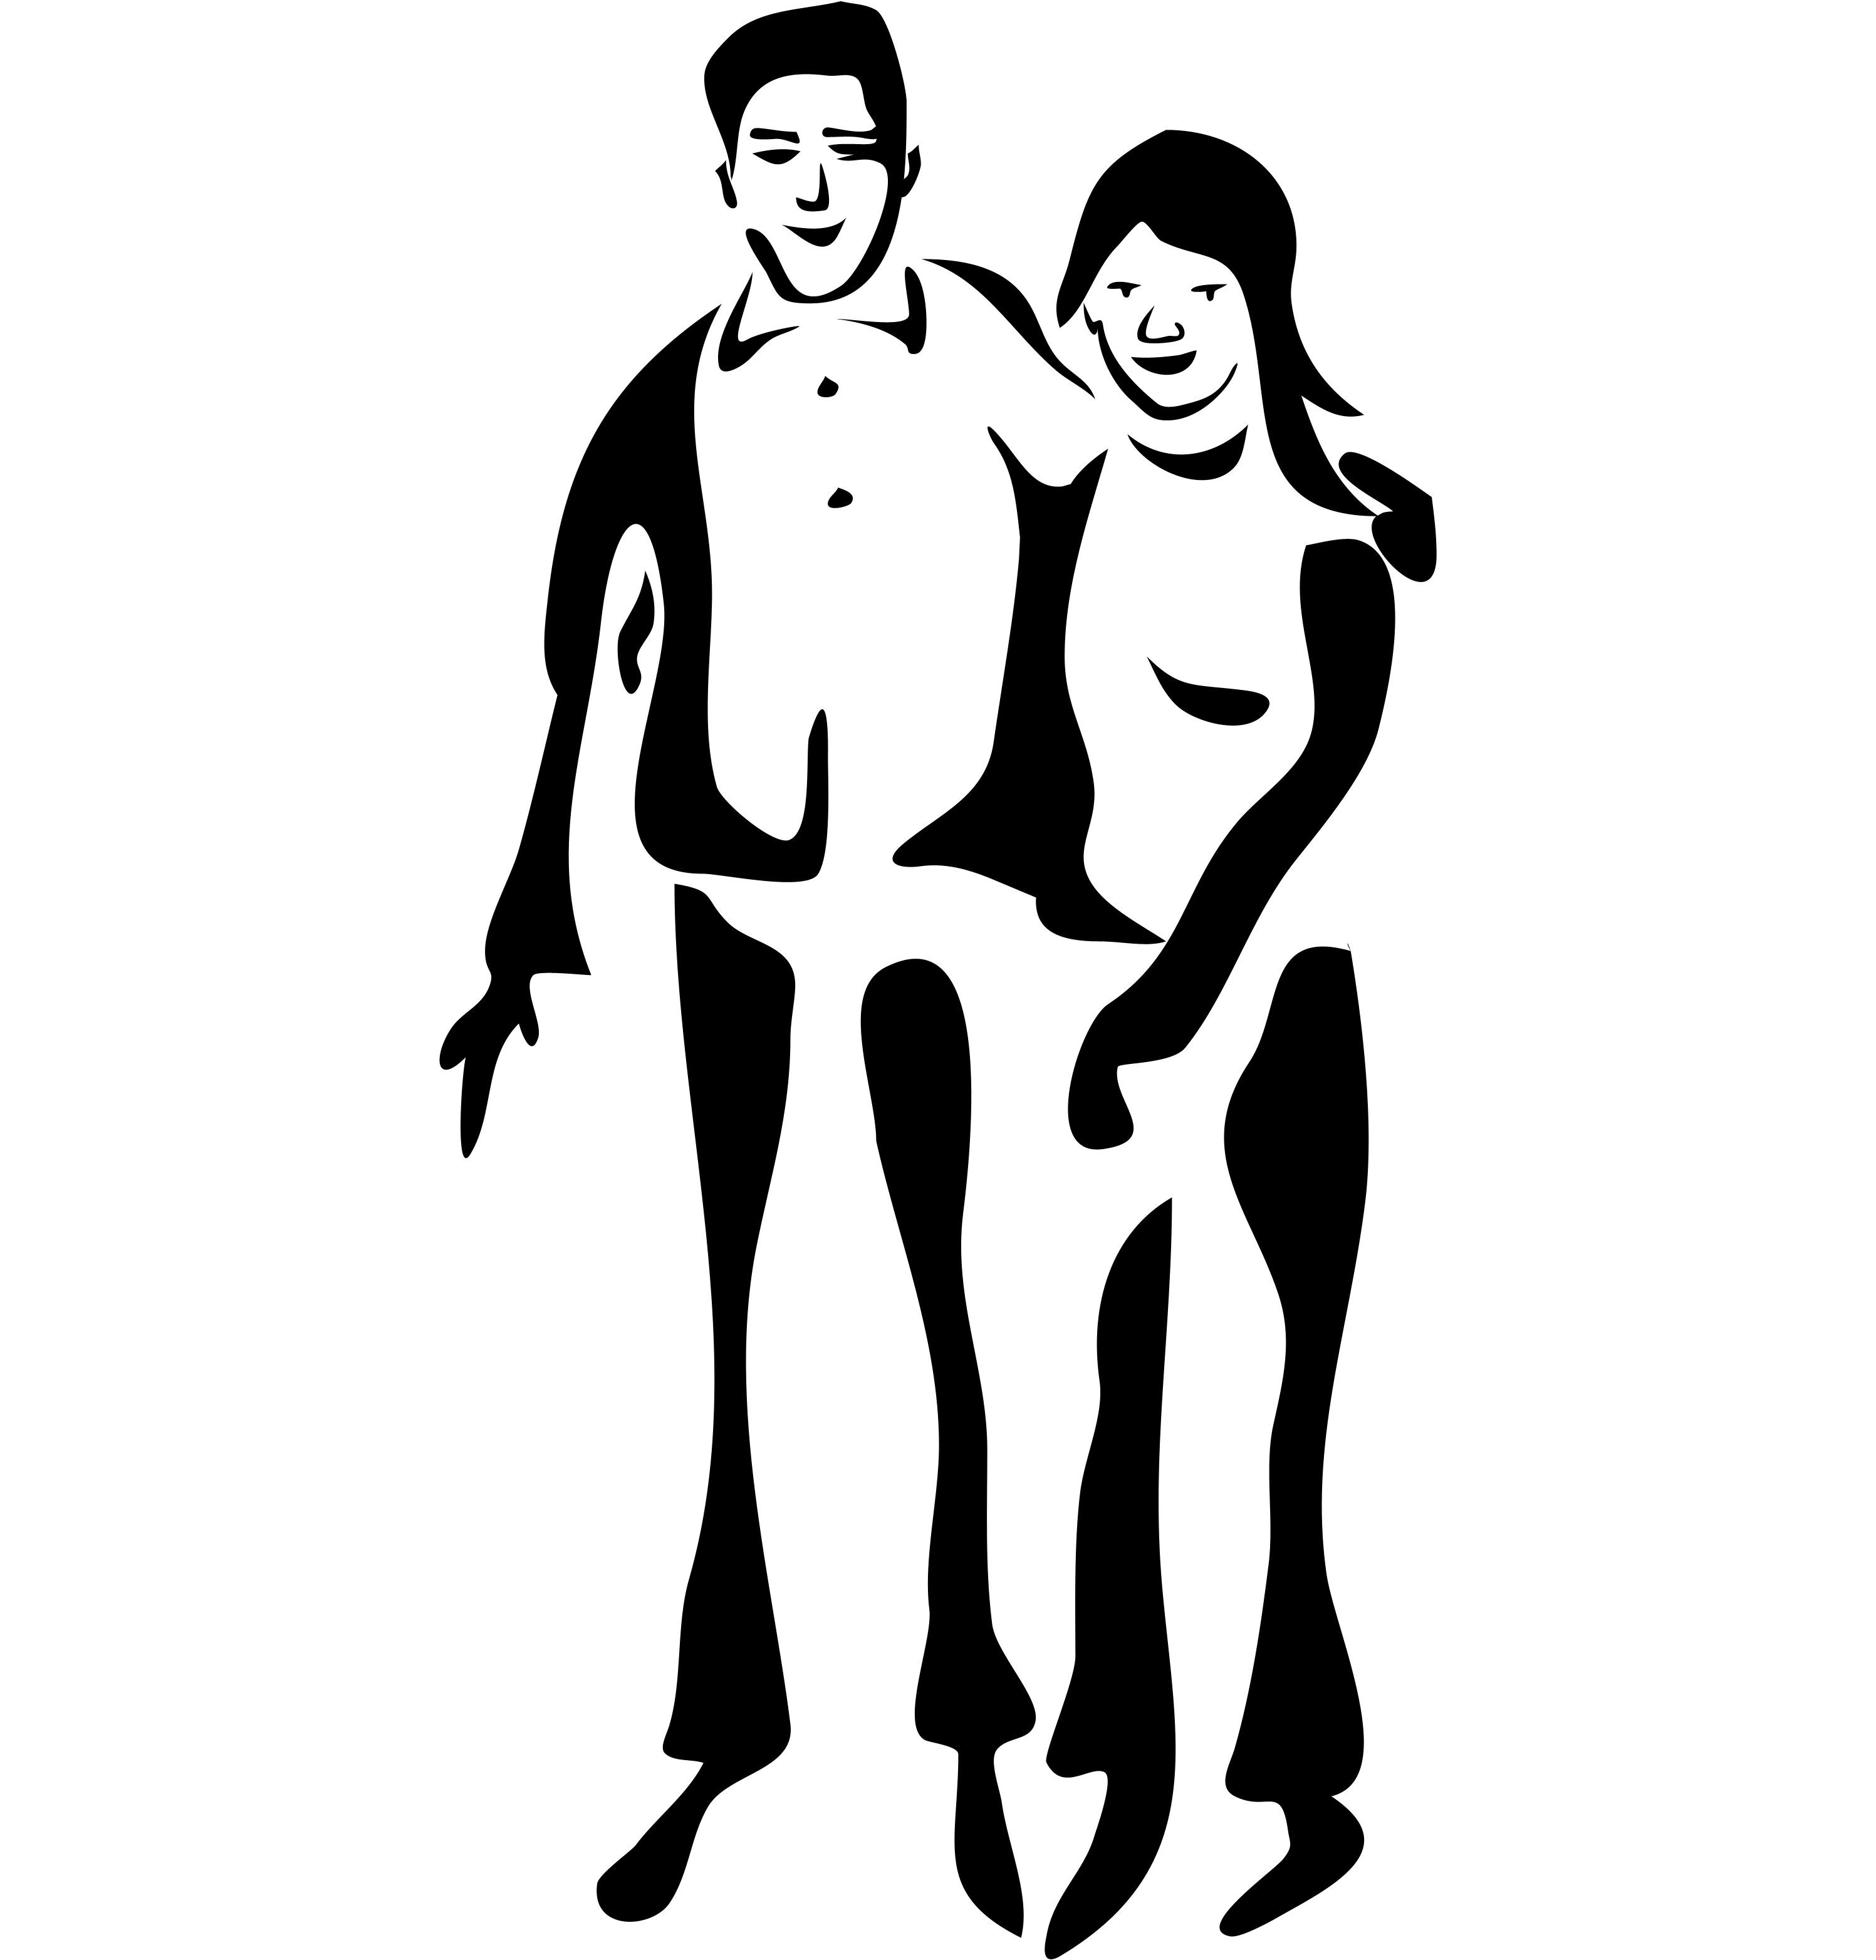 Počet neplodných párů v Česku roste – za 15 let bude uměle počata polovina dětí